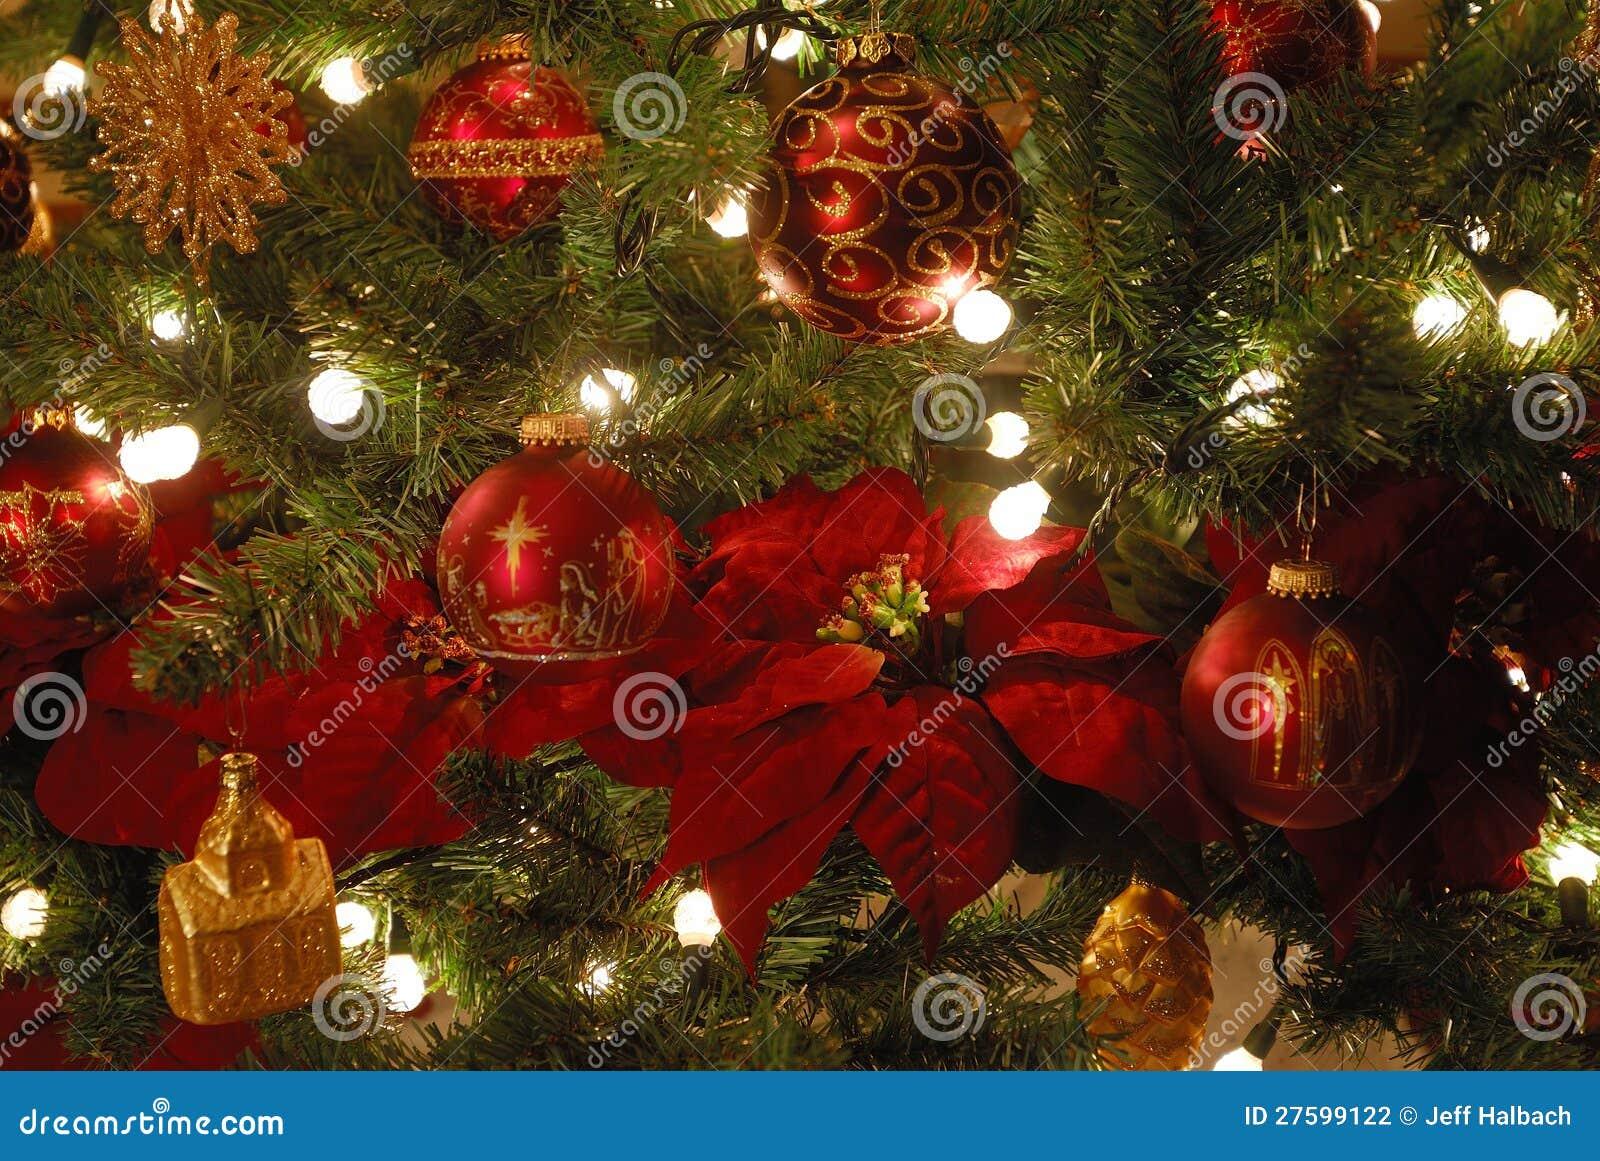 Weihnachtsbaumschmucke